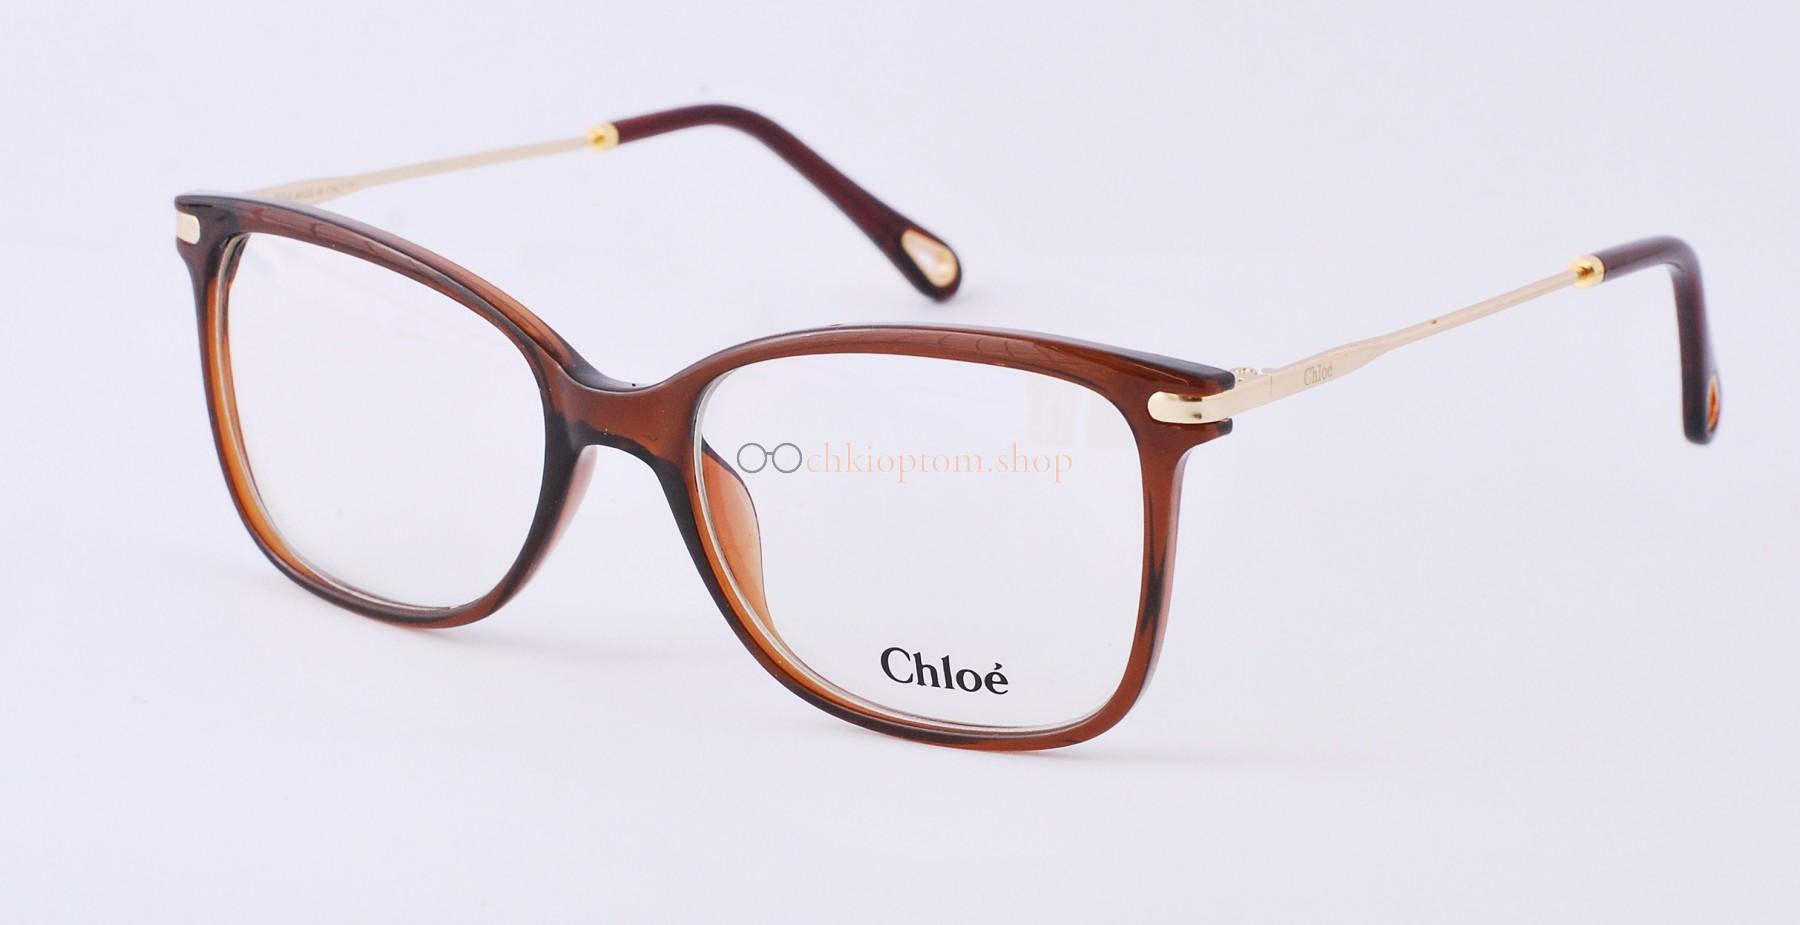 Смотреть фото Женские Oчки Brand frame 2718fr